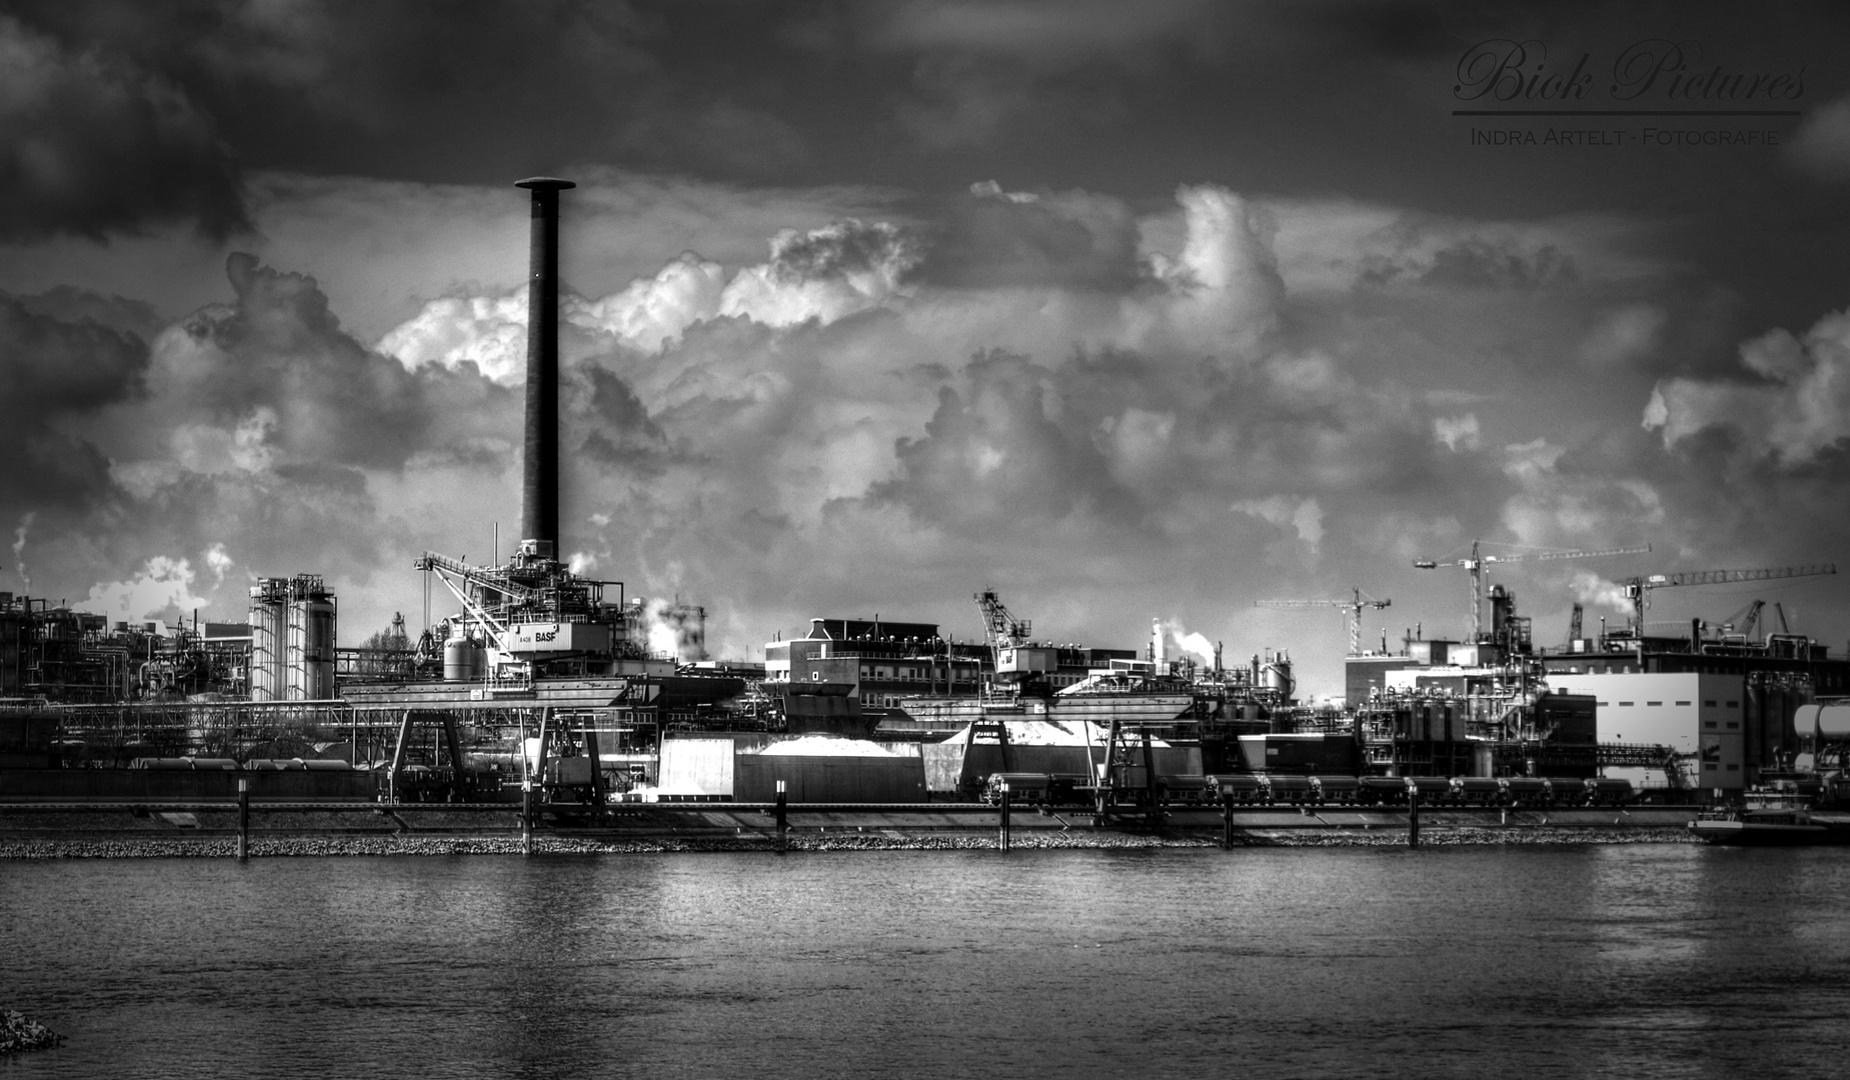 Industriehafen 1 Mannheim -2-